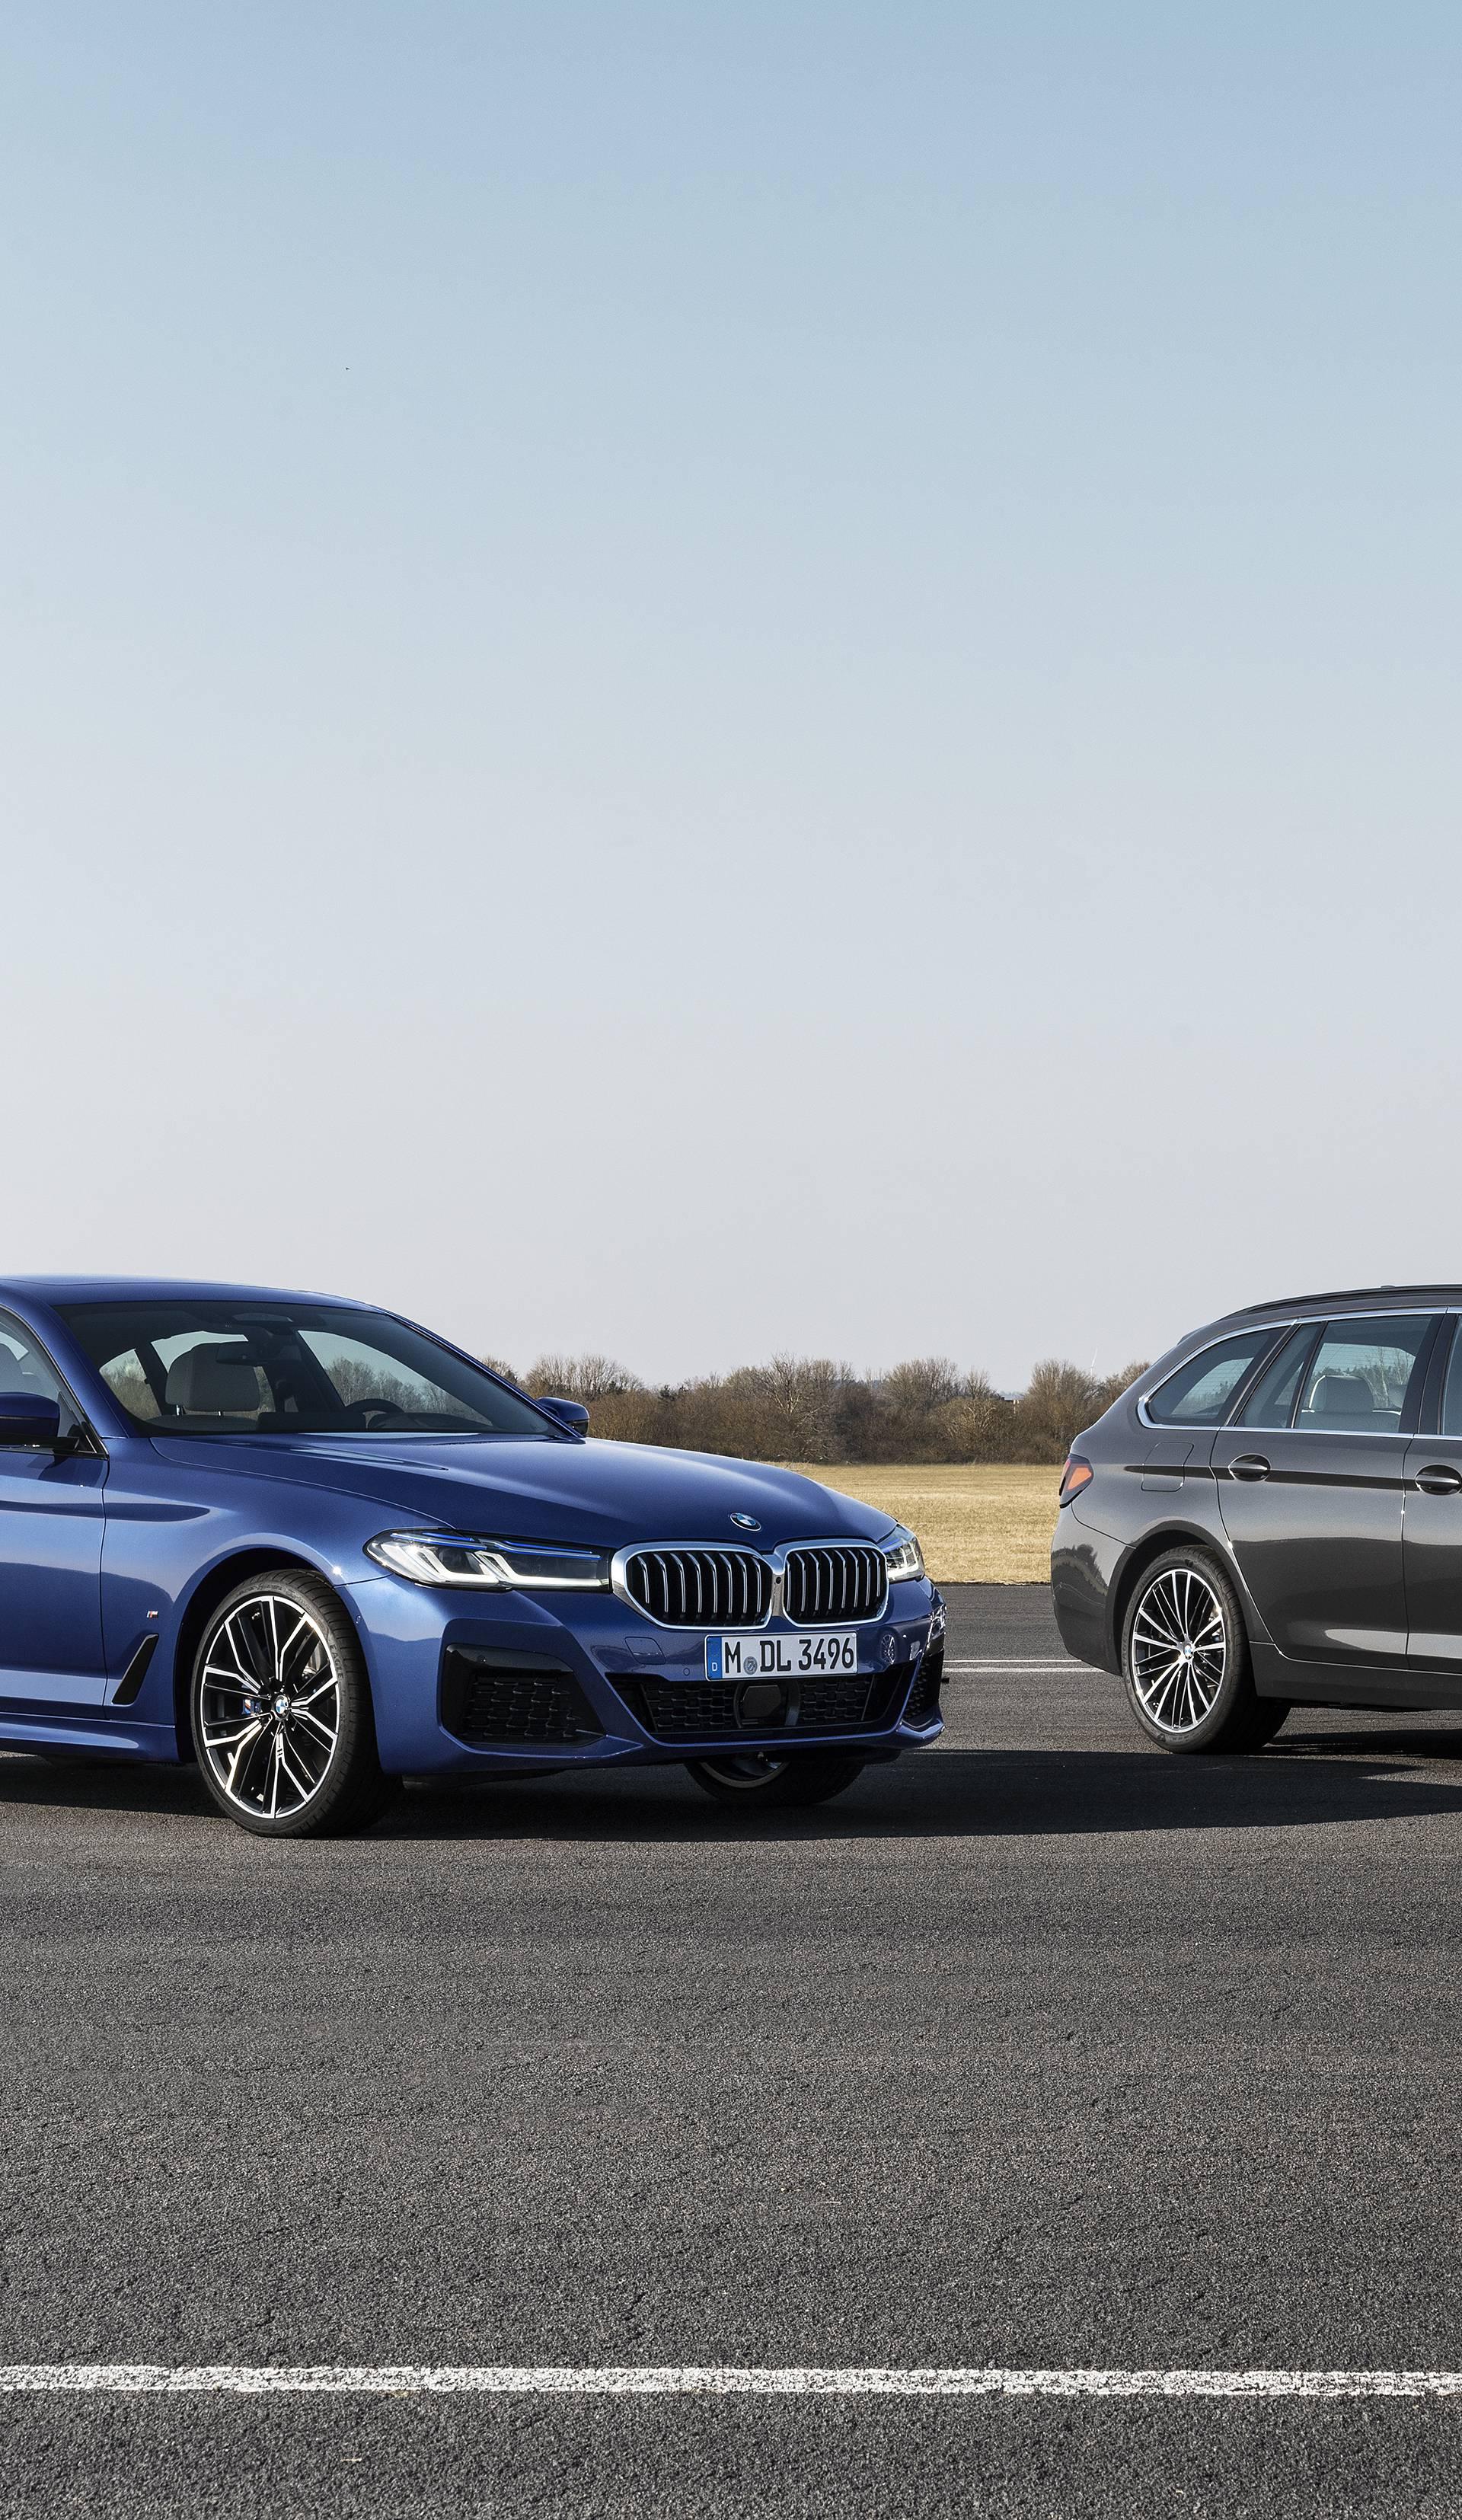 Stiže novi BMW serije 5 s mnogo novosti pod karoserijom